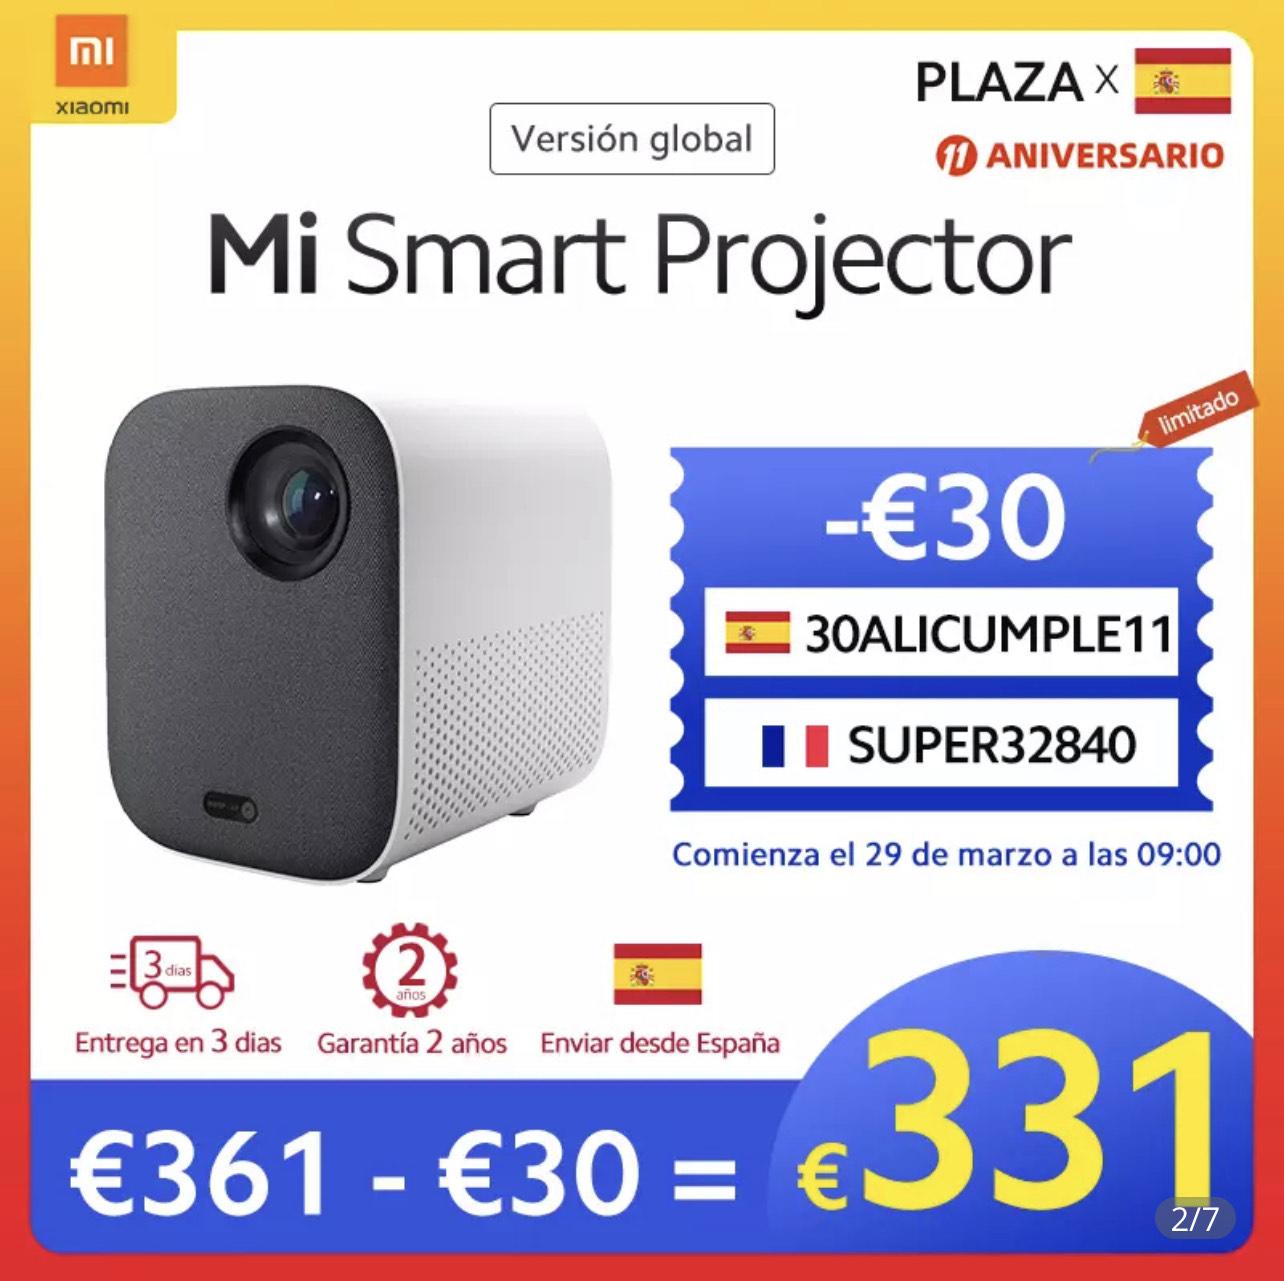 Proyector Mi smart Xiaomi versión global